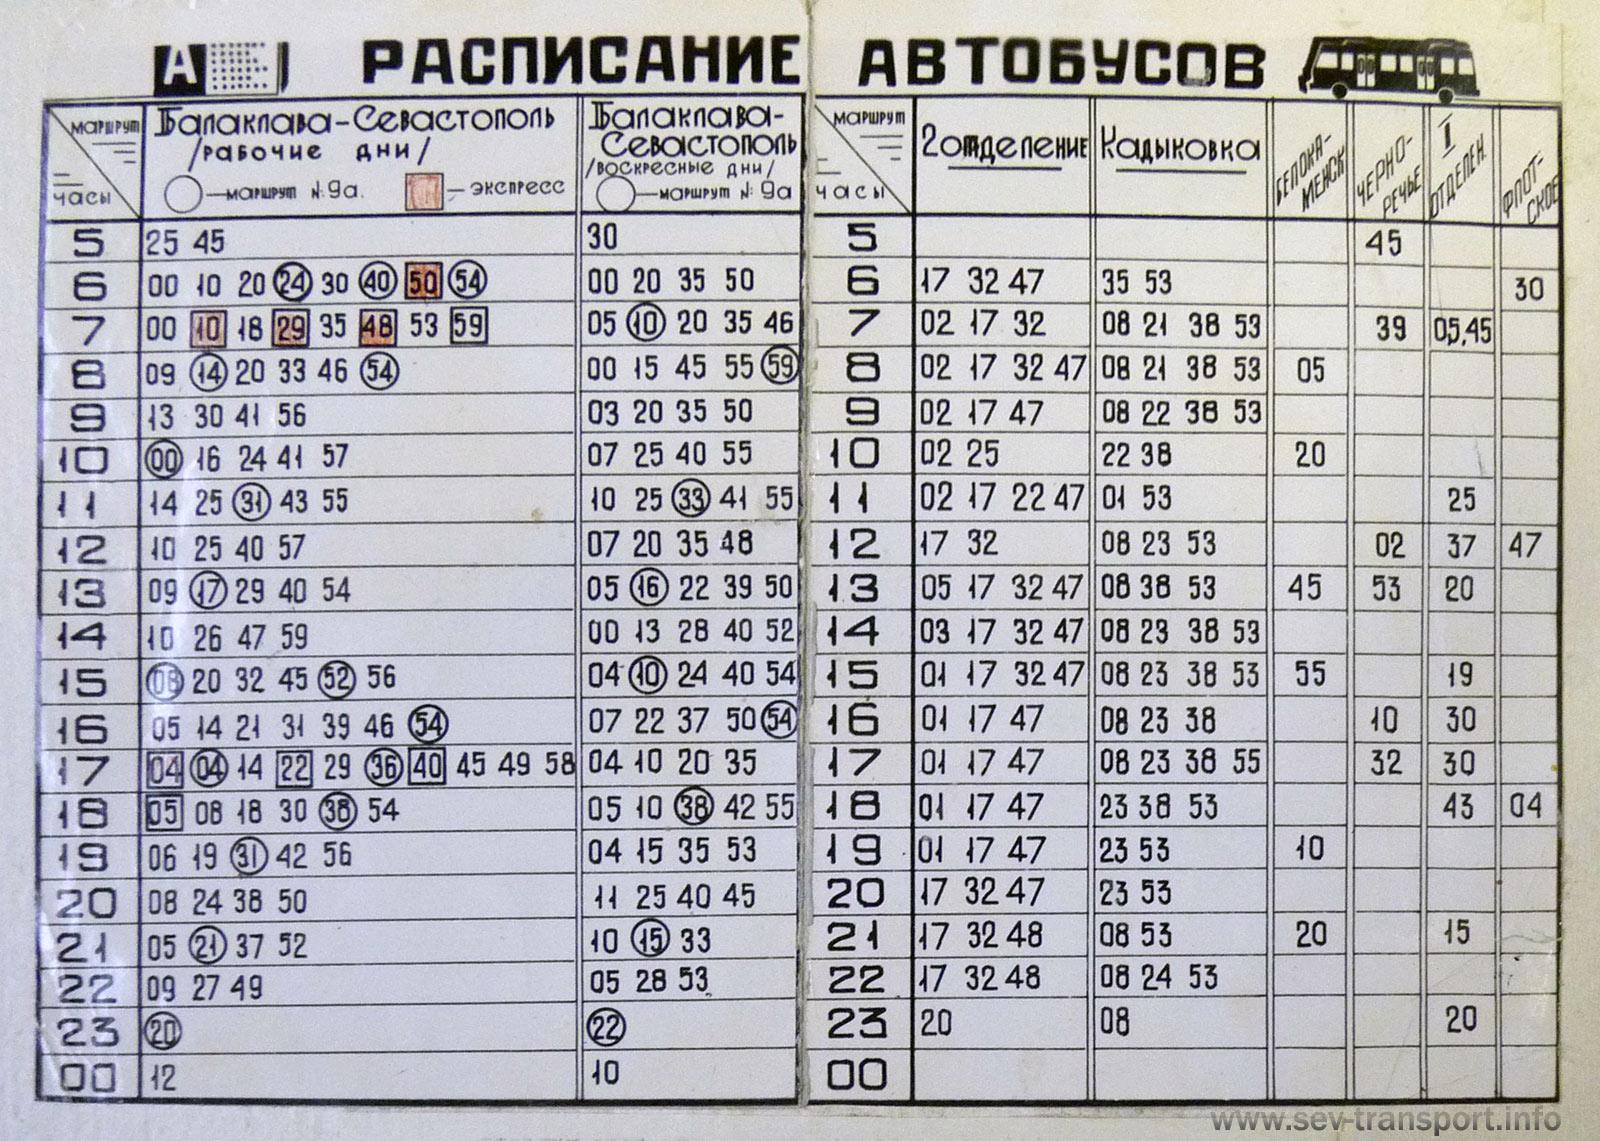 реализуем изделия расписание автобусов ревда коаснояр комплект Следовательно